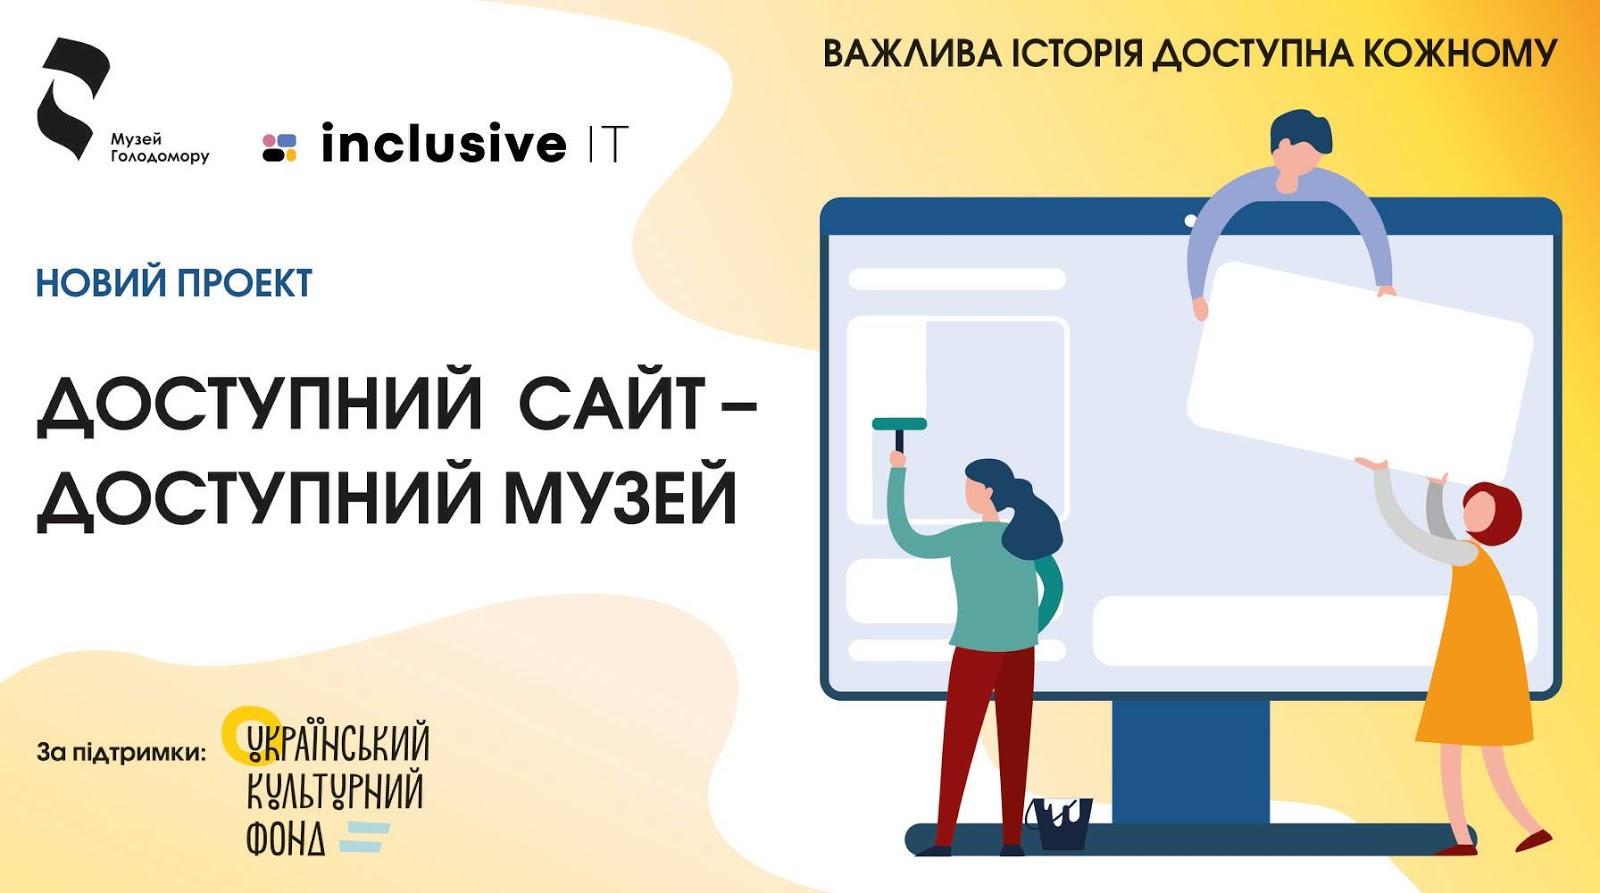 Постер-анонс до проекту доступного сайту